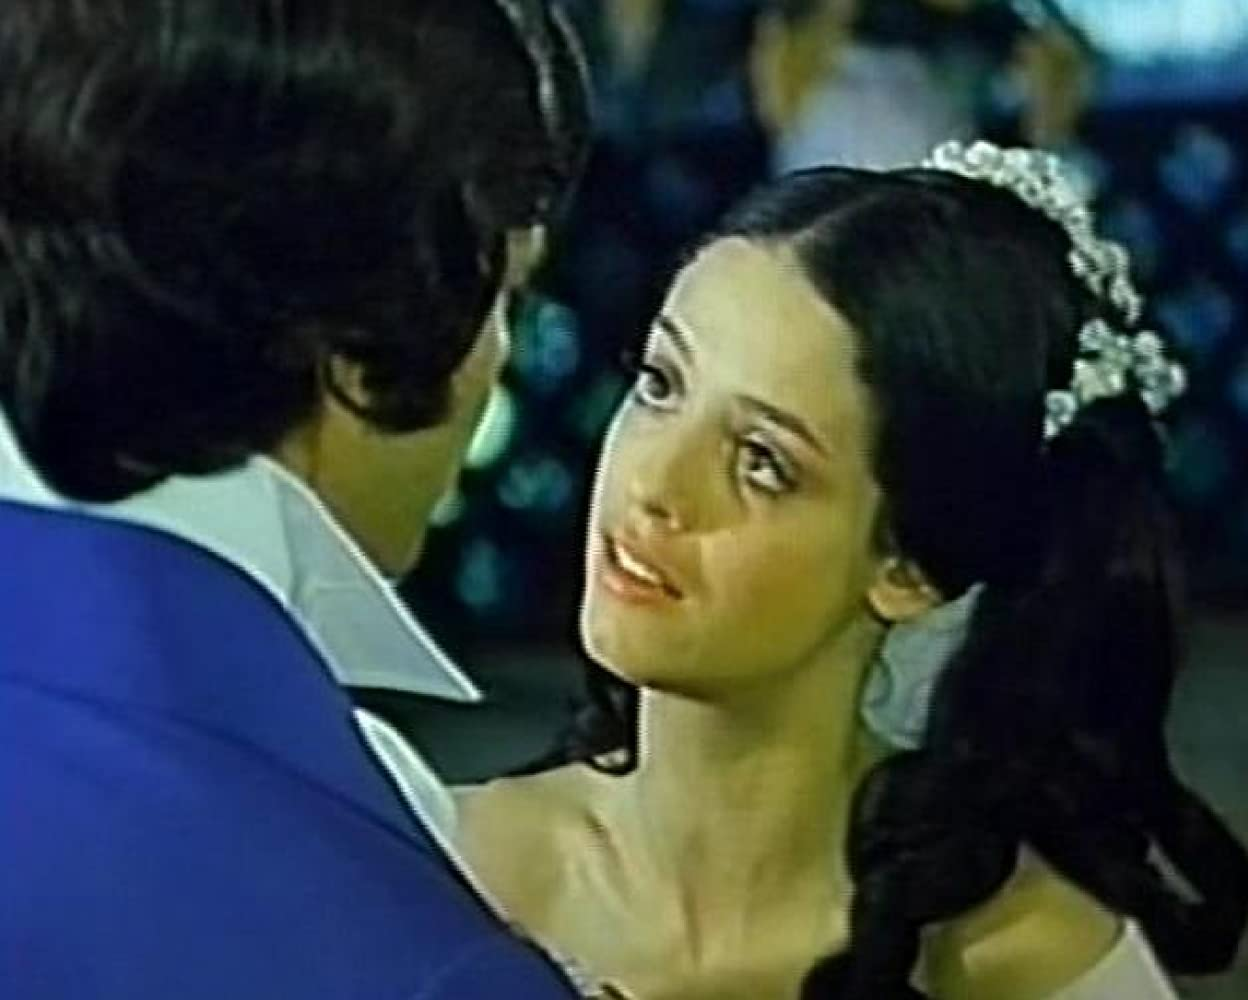 Sônia Braga in A Moreninha (1970)